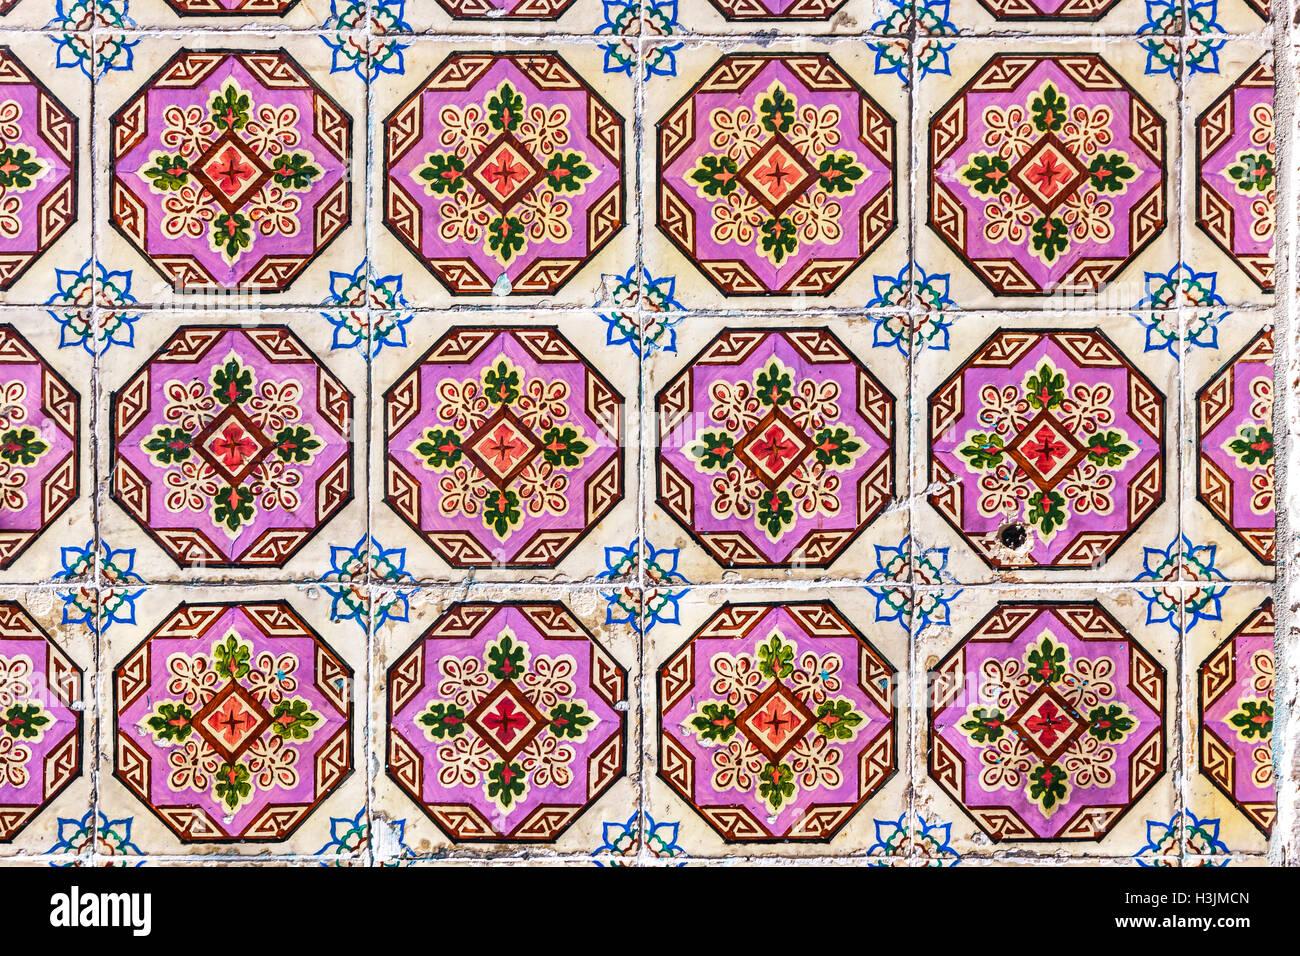 T Pico Portugu S Antigo Azulejos De Parede Azulejos De